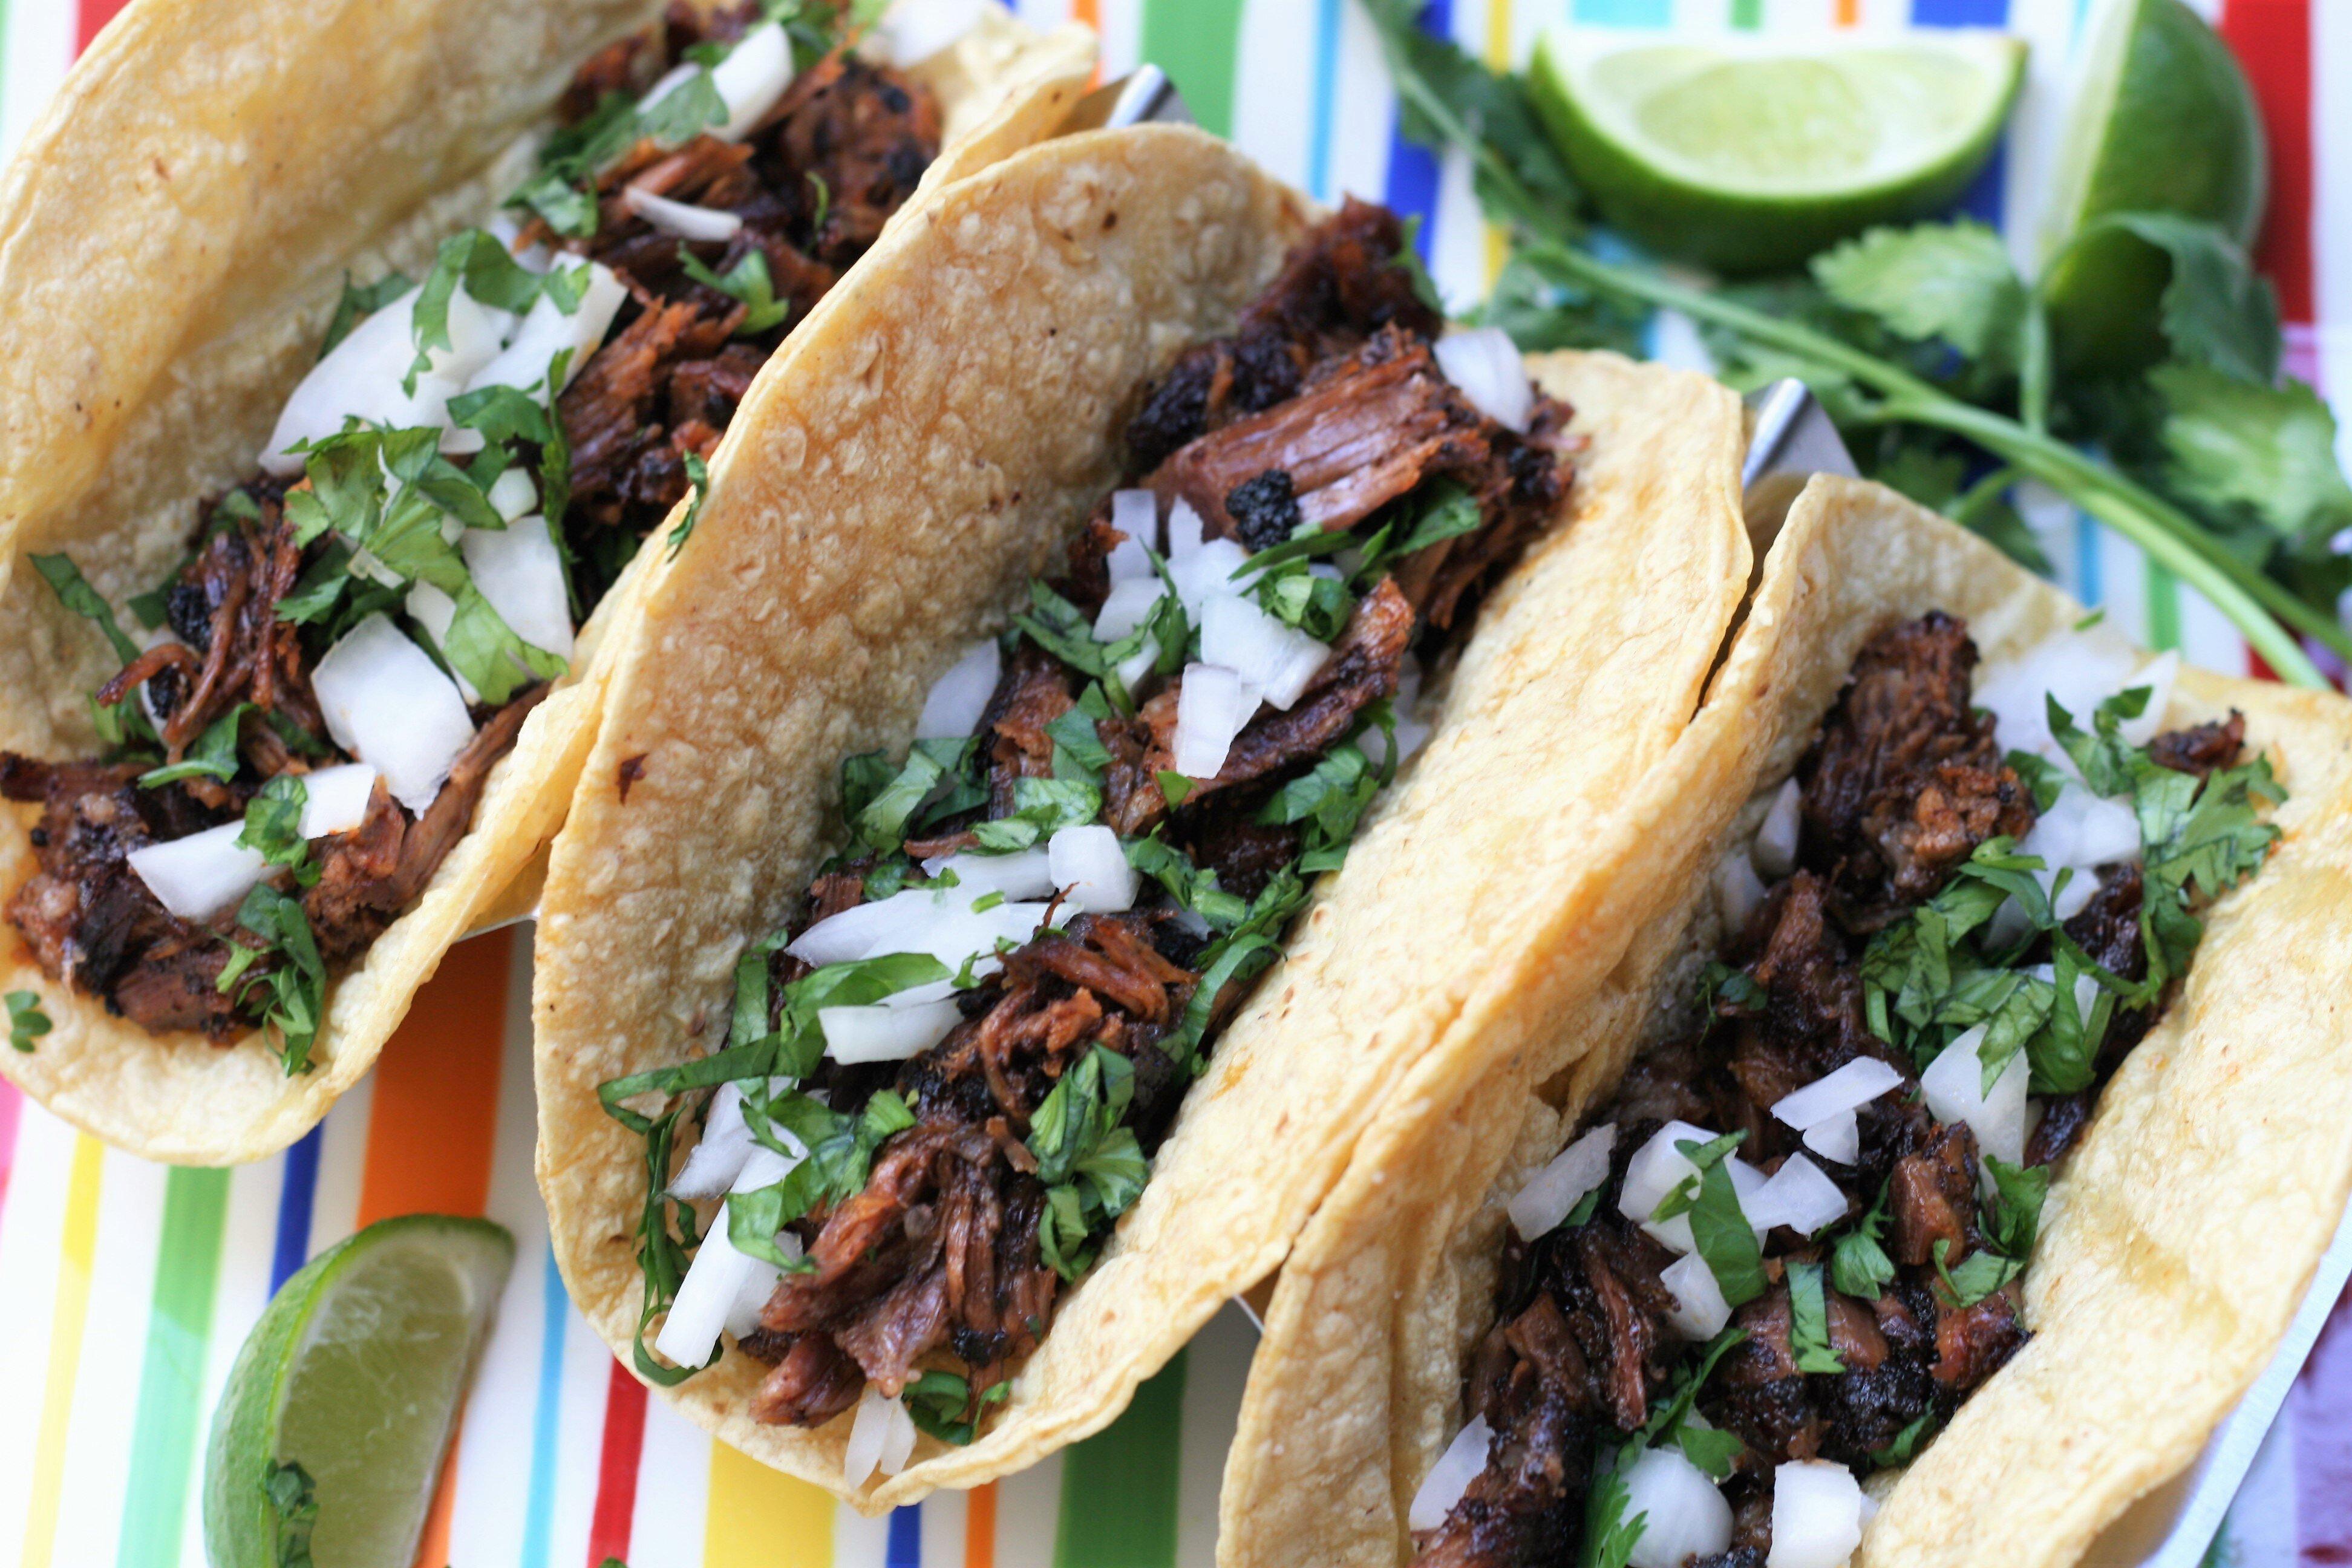 birria de res tacos beef birria tacos recipe